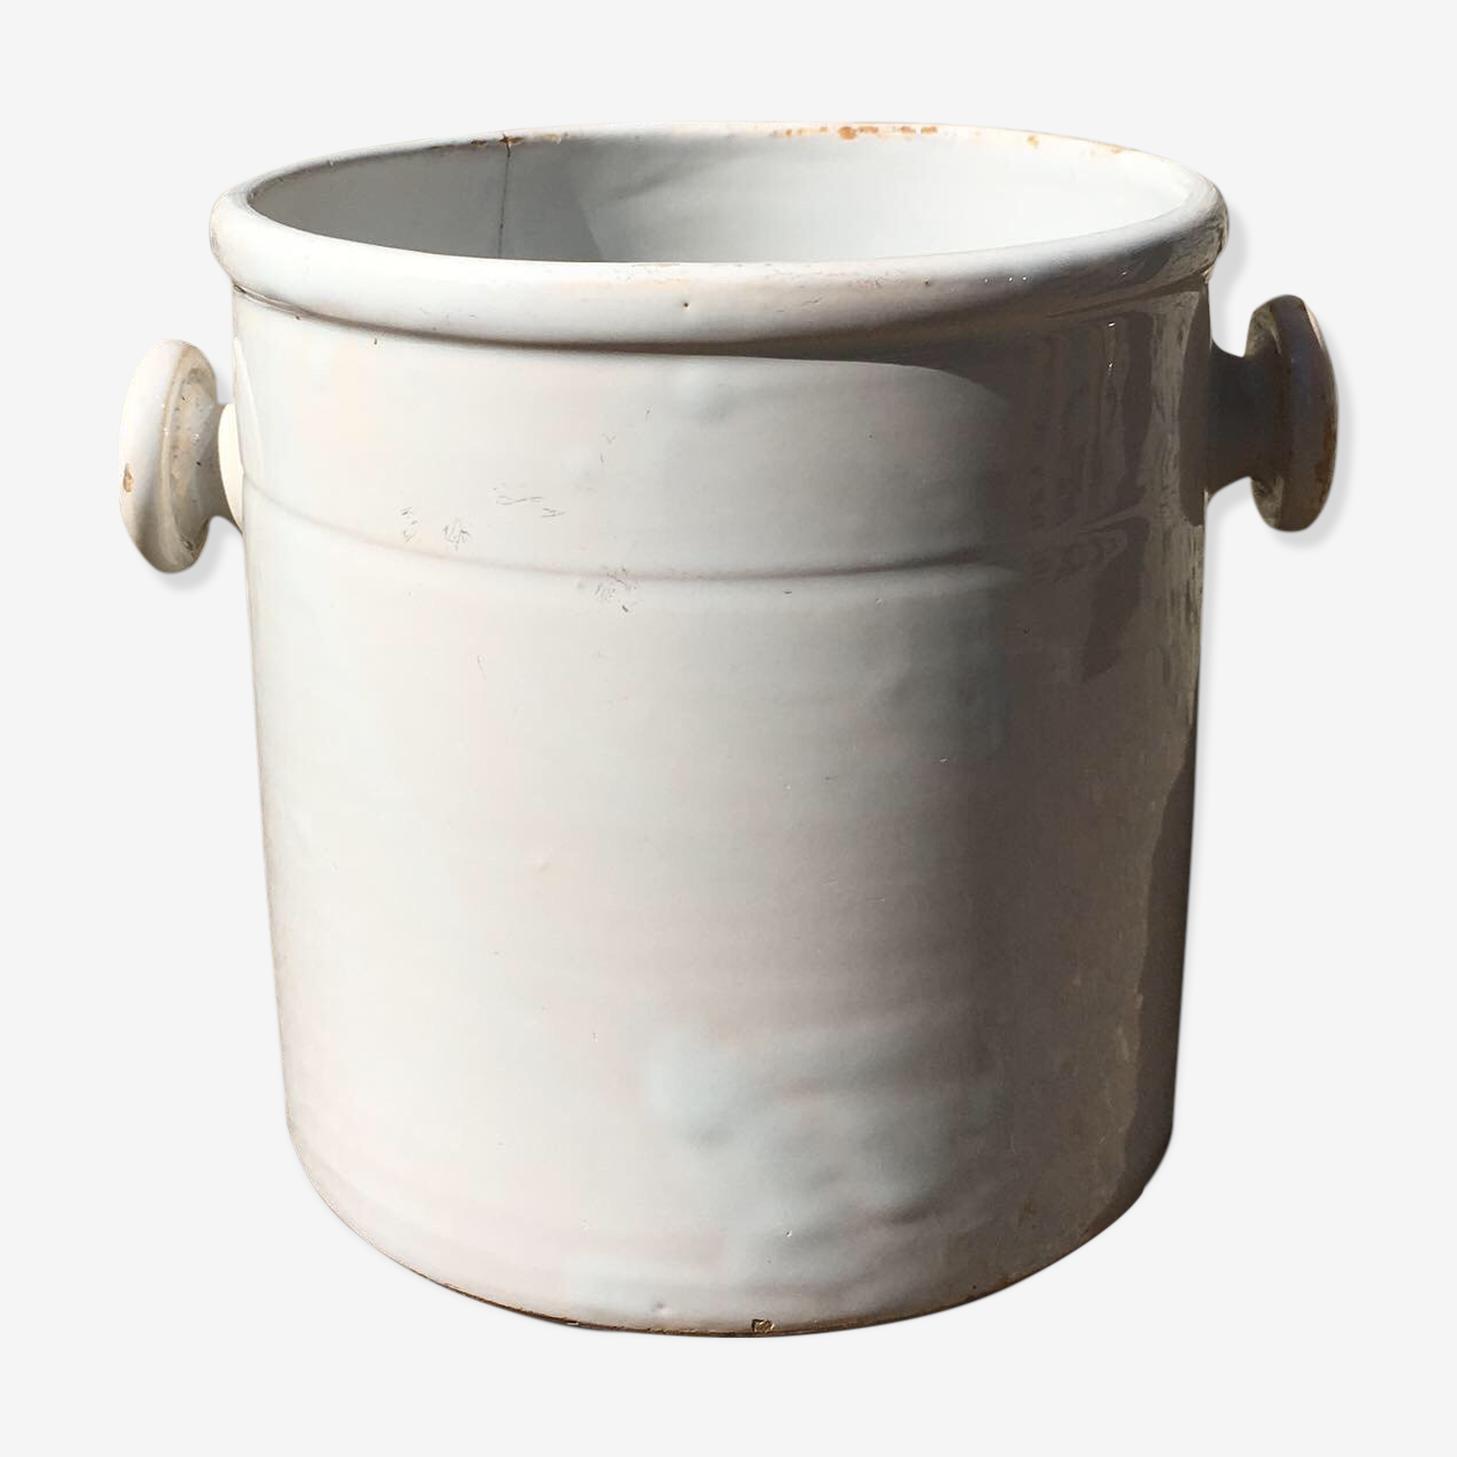 Pot en terre cuite blanc vernissé